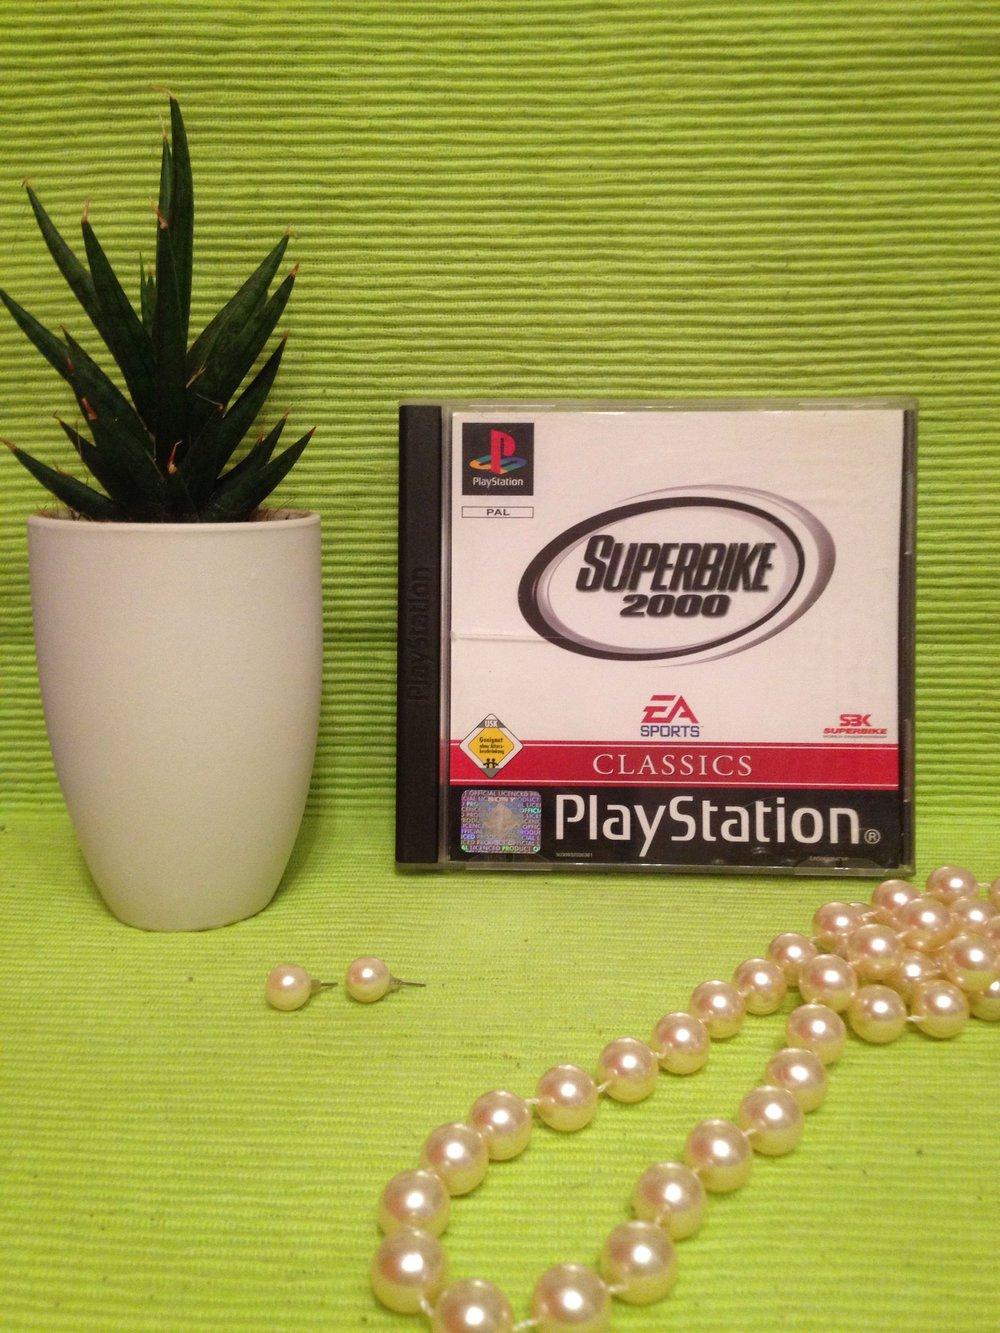 spile 2000